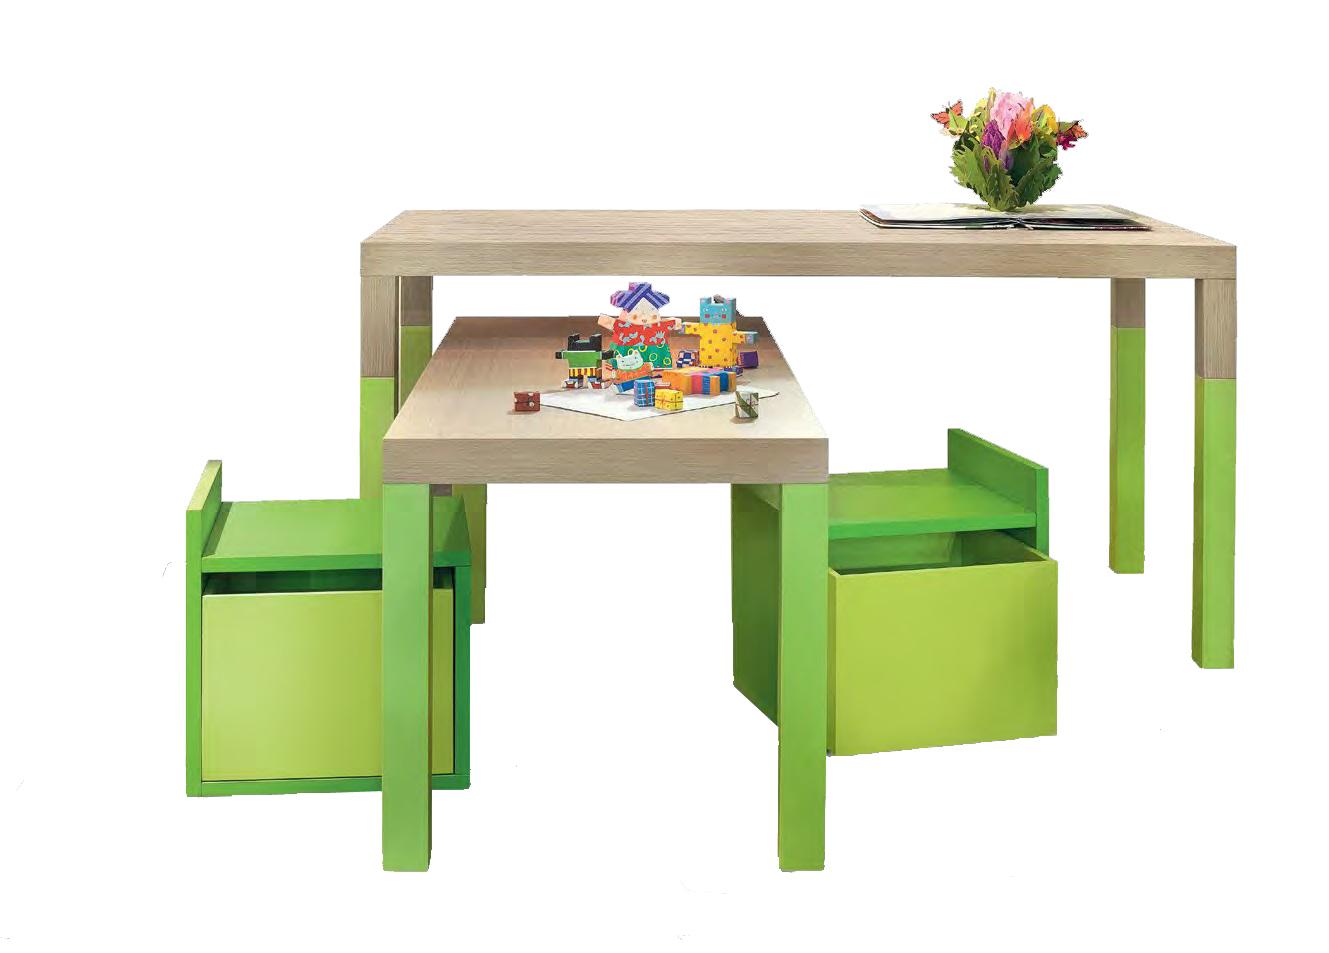 Dear evolutivo belv camerette torino for Camerette colorate per bambini